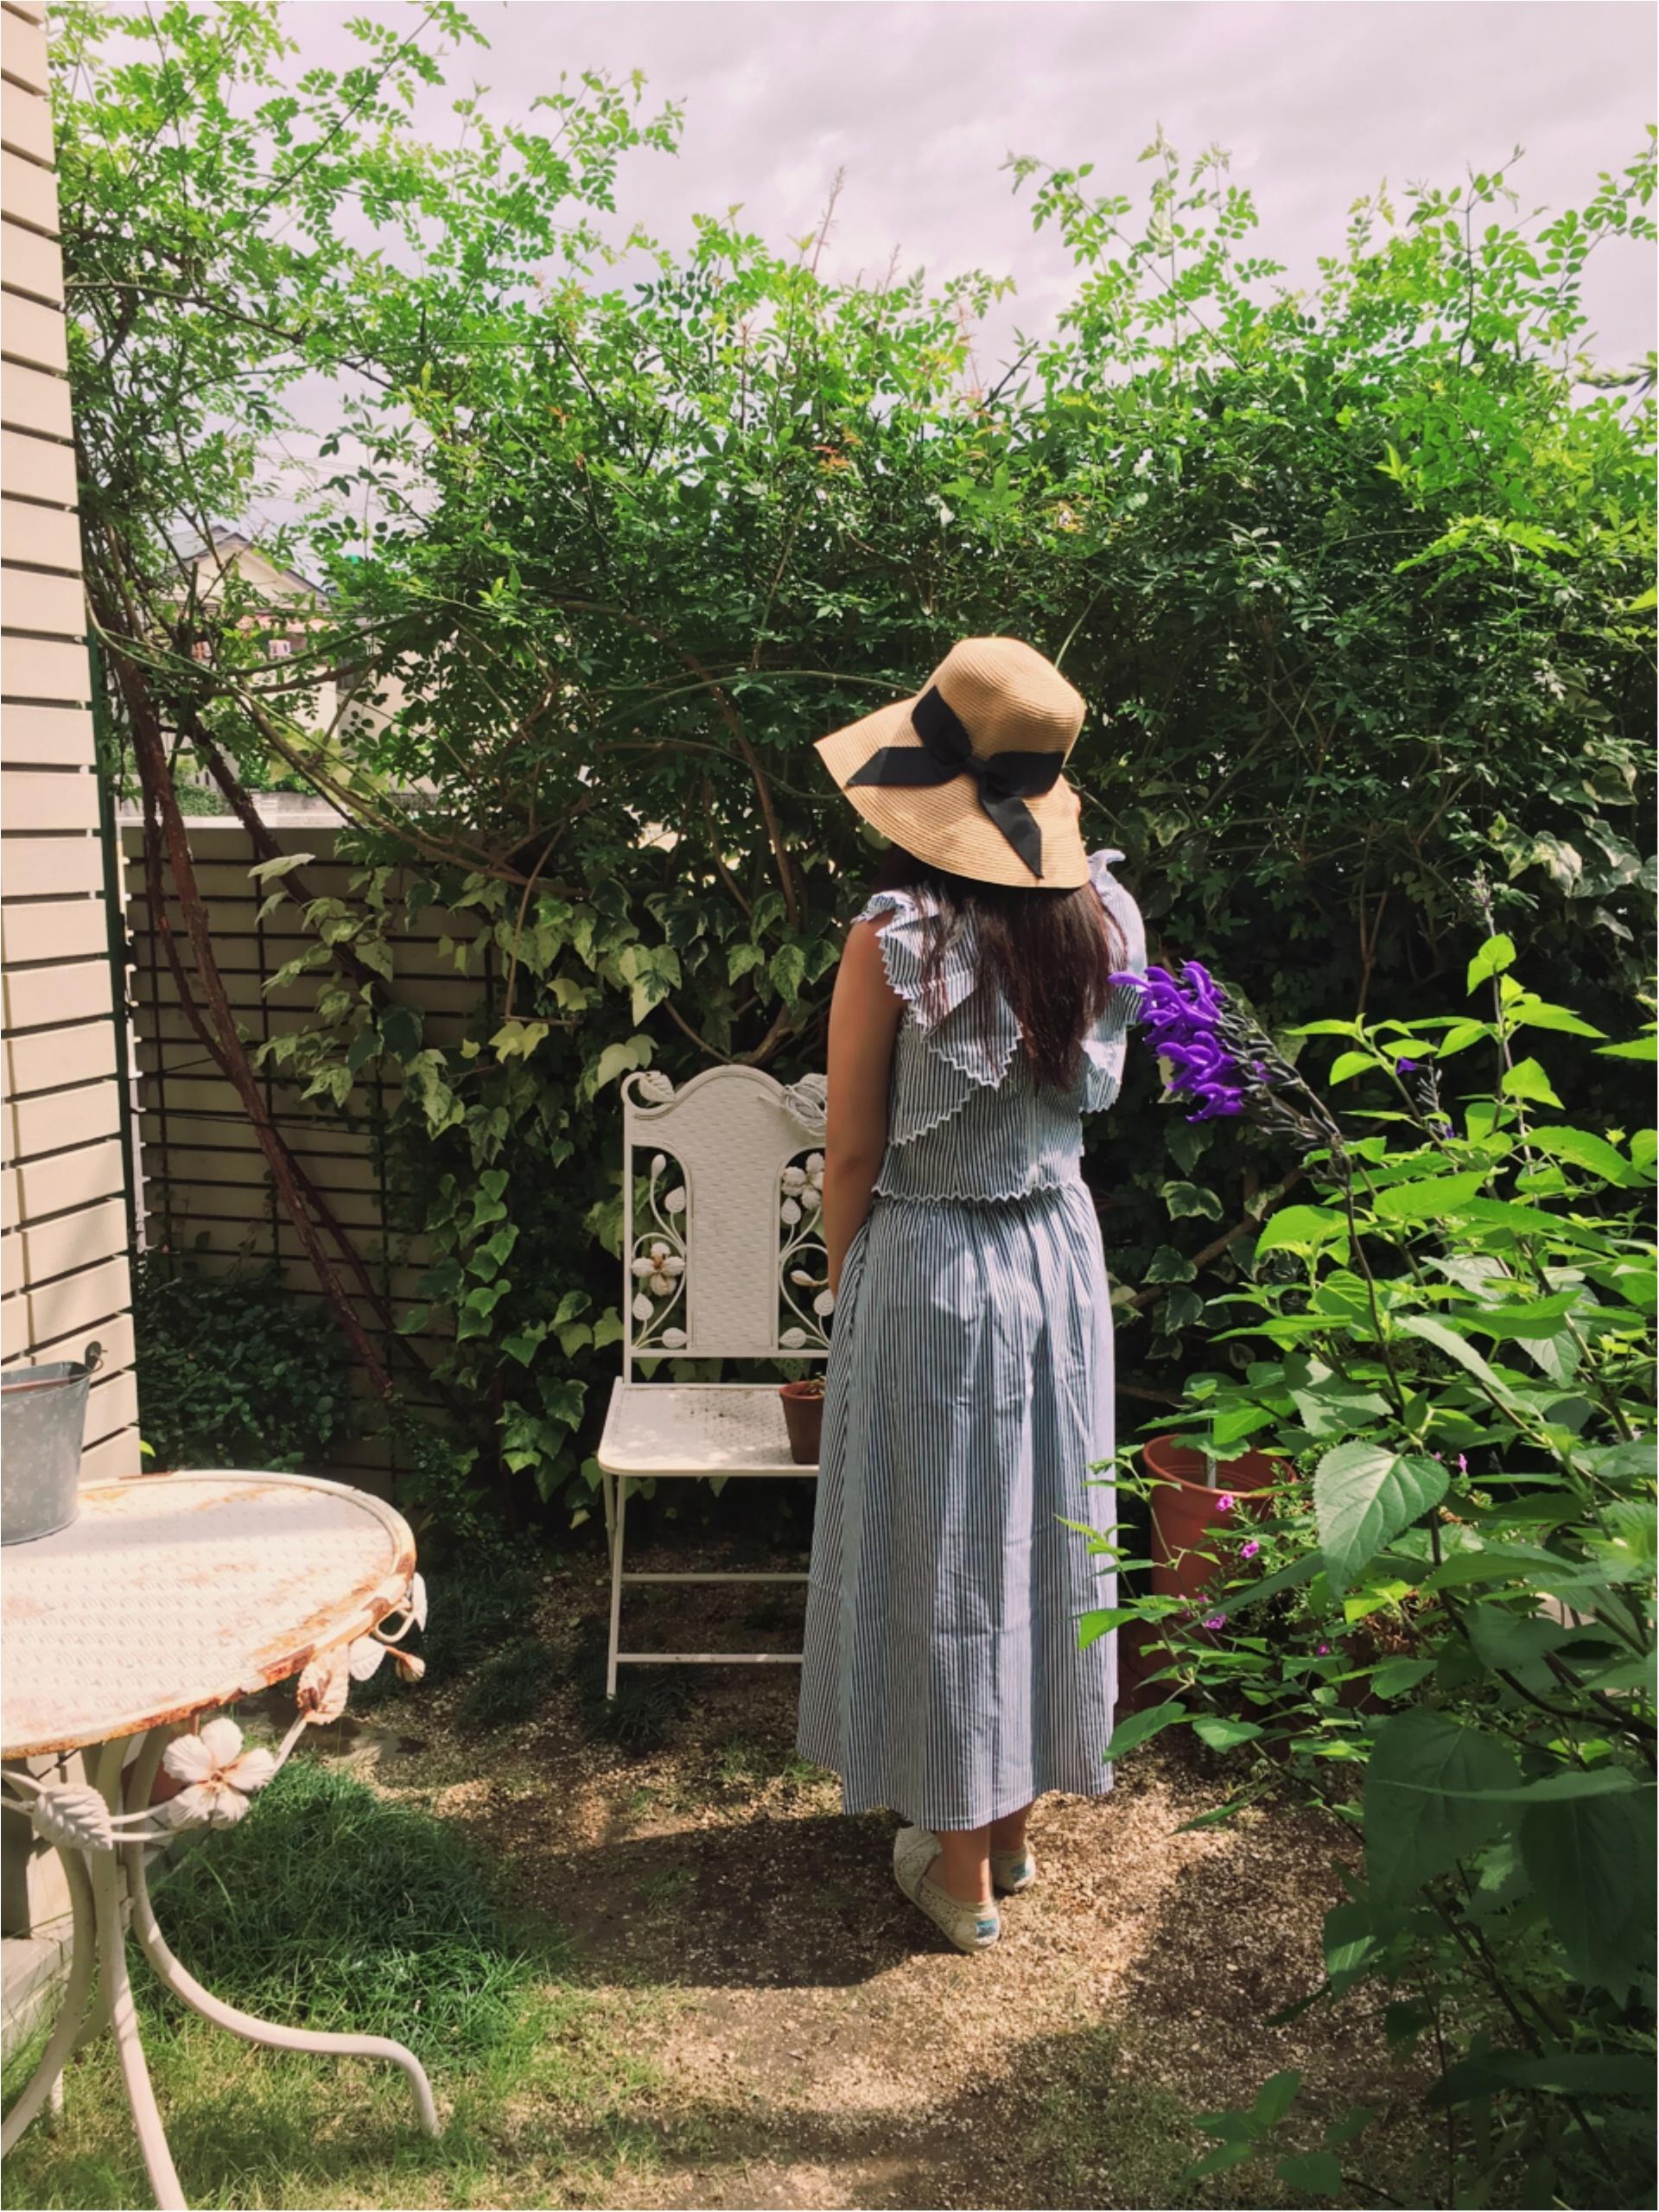 夏のマストアイテム♡ストローハットをゲットしなきゃ♡byみそ_5